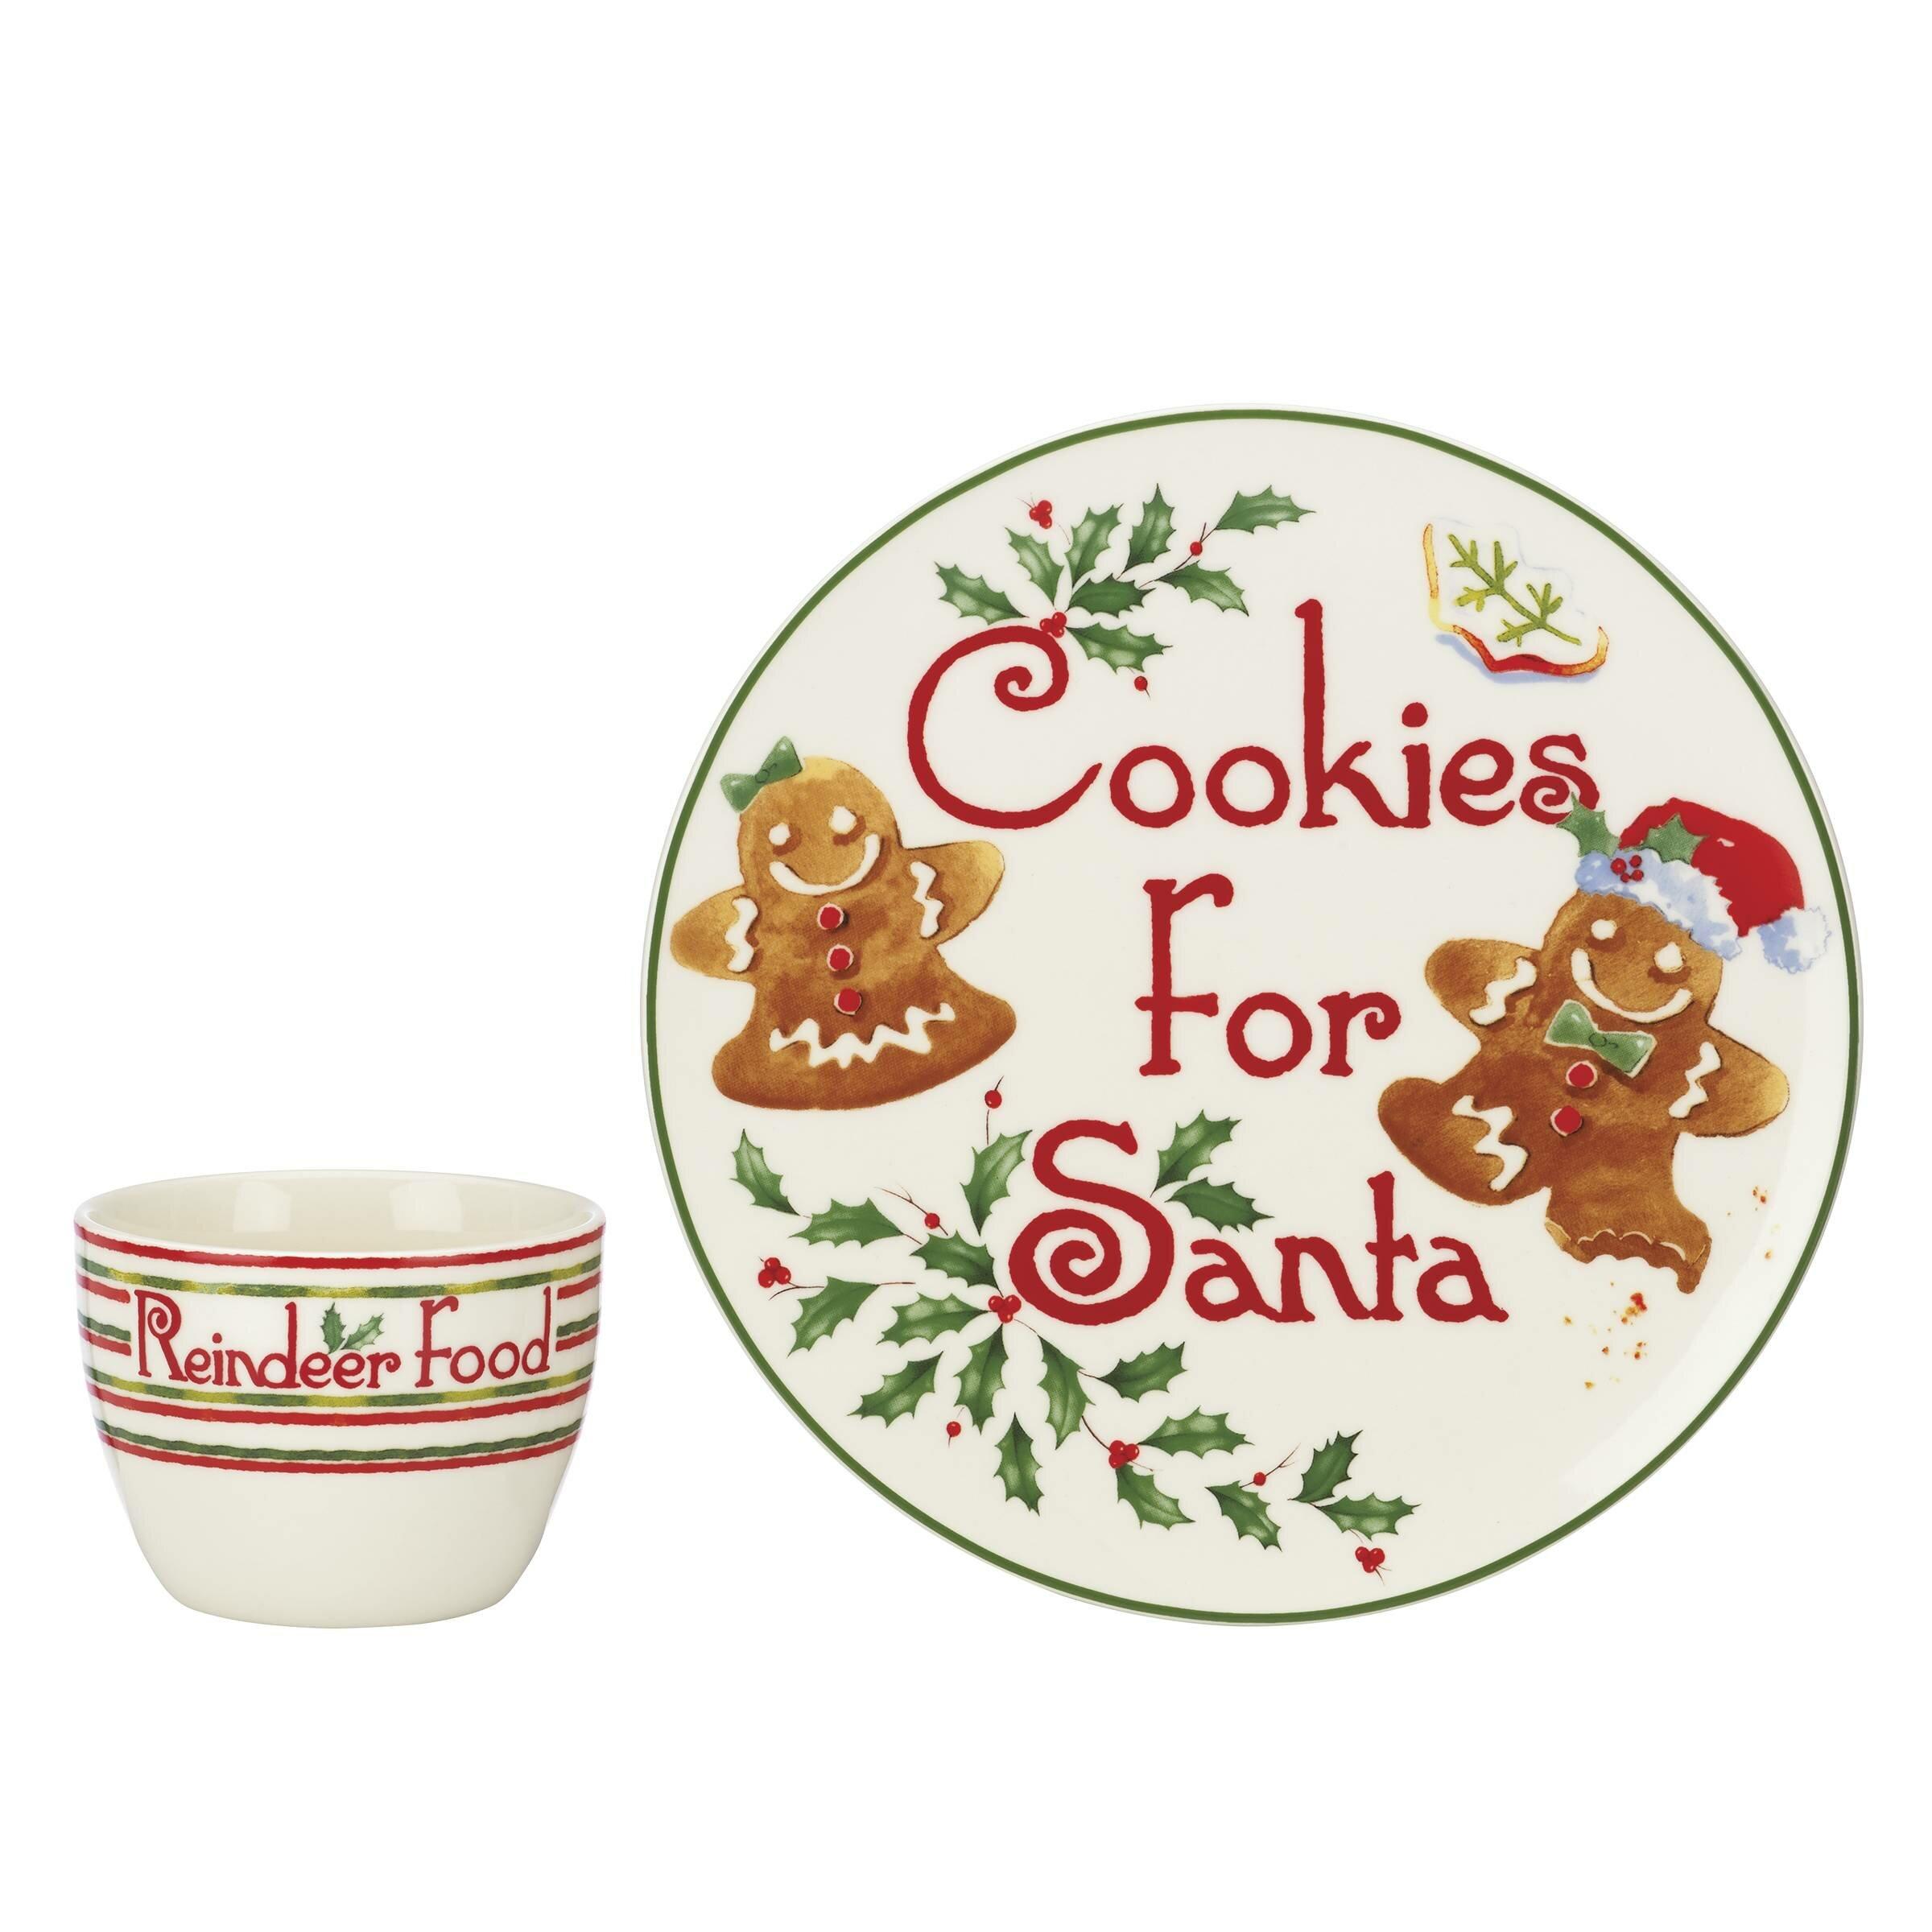 Lenox Holiday Countdown Til Christmas Cookies Santa 2-Piece 9  Salad Plate and Mug Set u0026 Reviews | Wayfair  sc 1 st  Wayfair & Lenox Holiday Countdown Til Christmas Cookies Santa 2-Piece 9